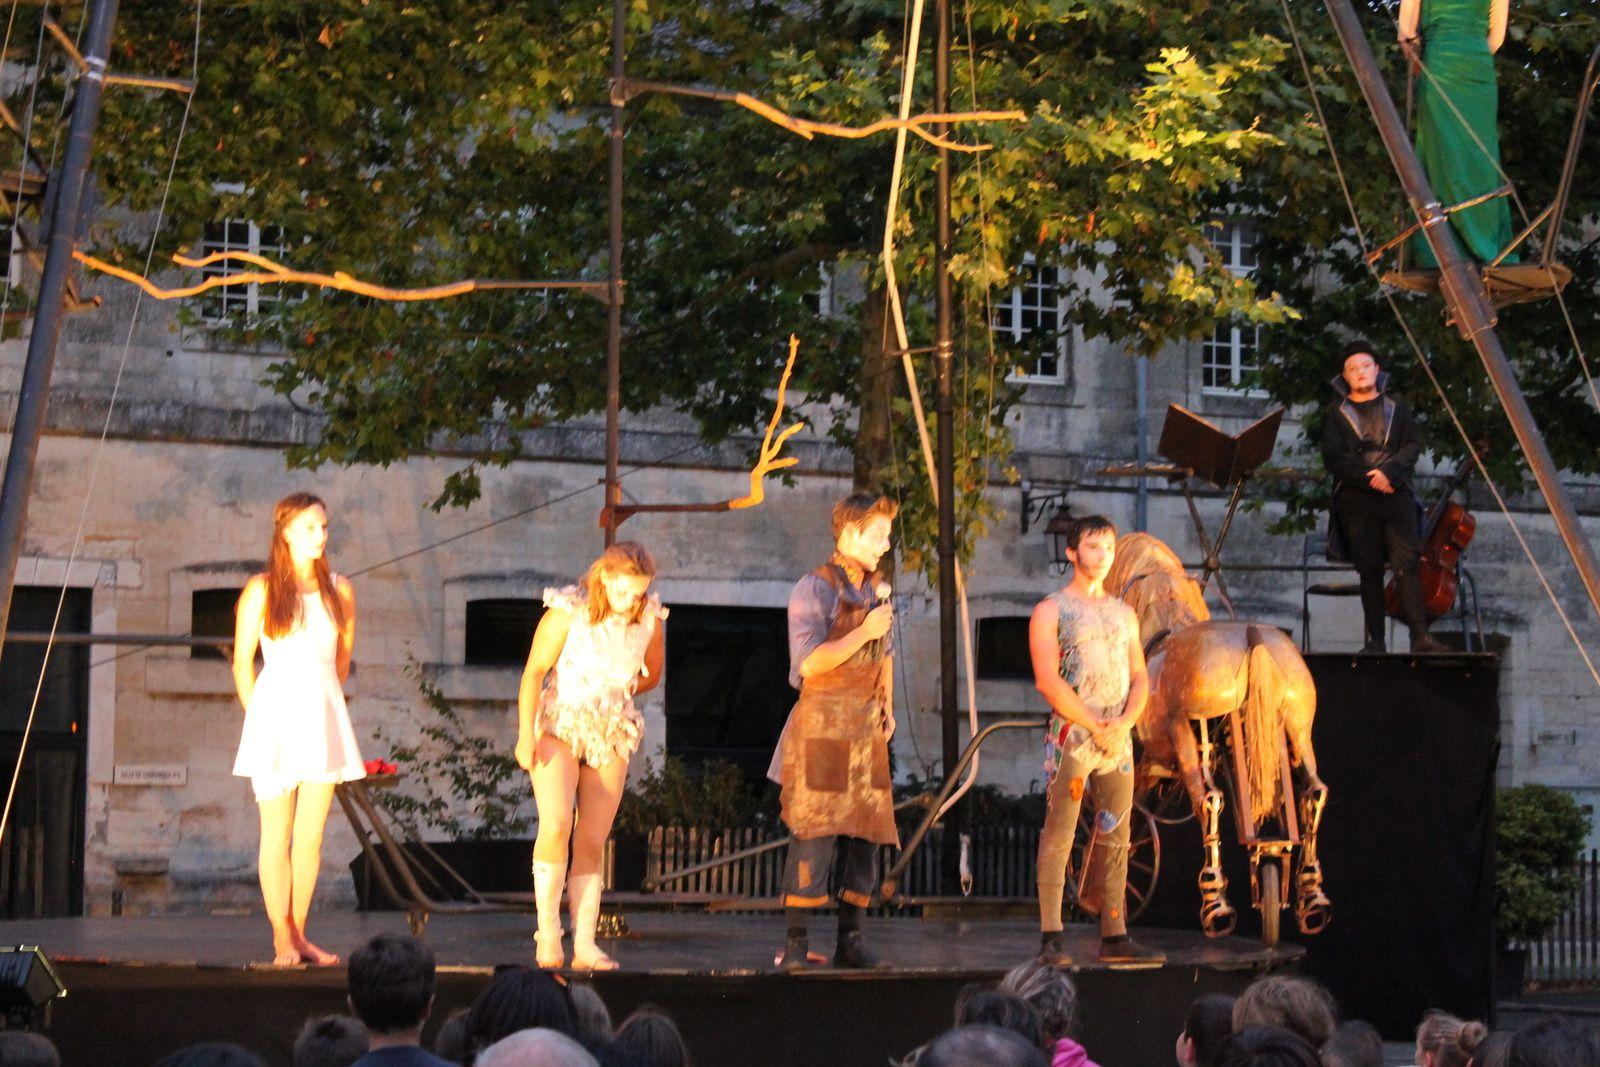 une grande ovation pour ces acteurs qui grâce à leurs danses et à leurs acrobaties nous ont enchantés